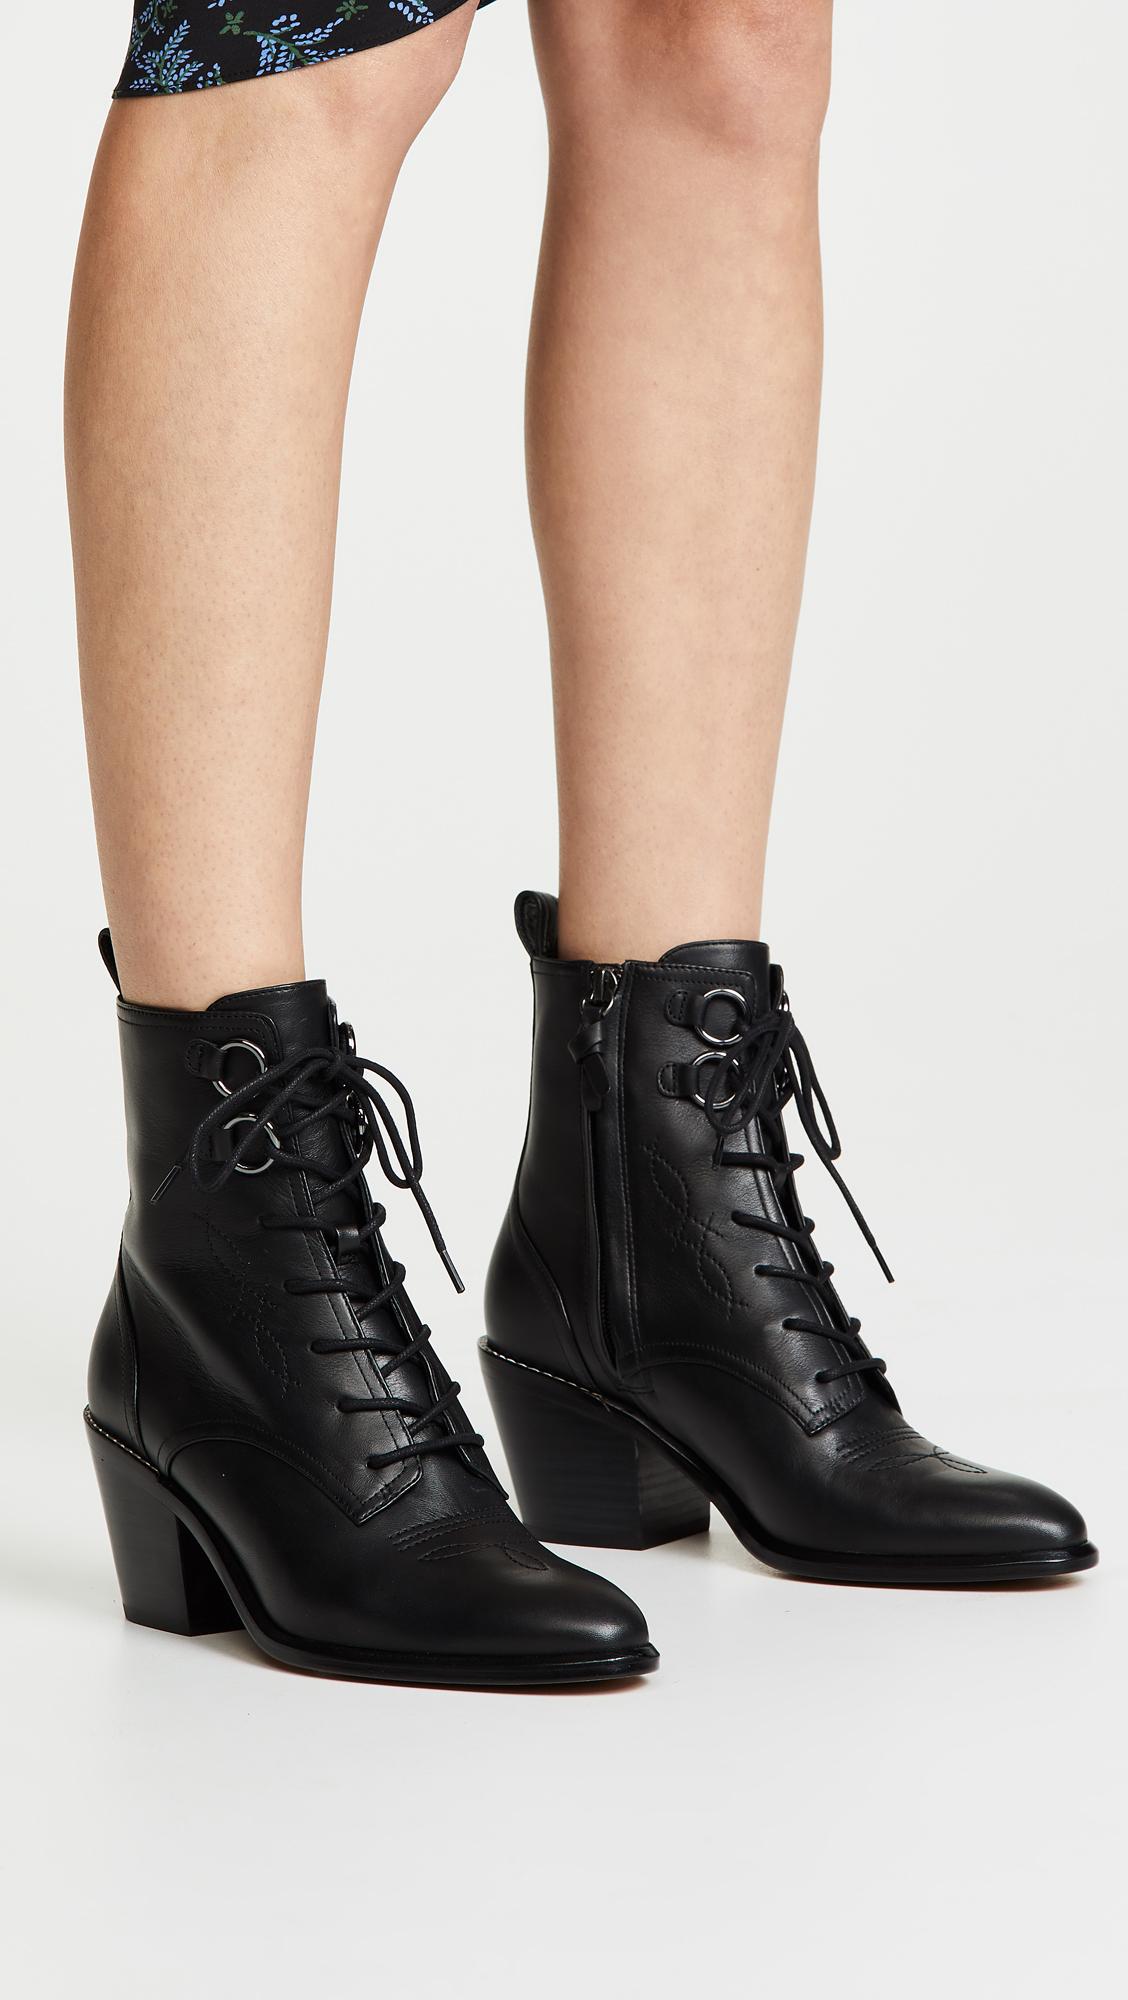 e41b96e832 Diane von Furstenberg Dakota Boots | SHOPBOP